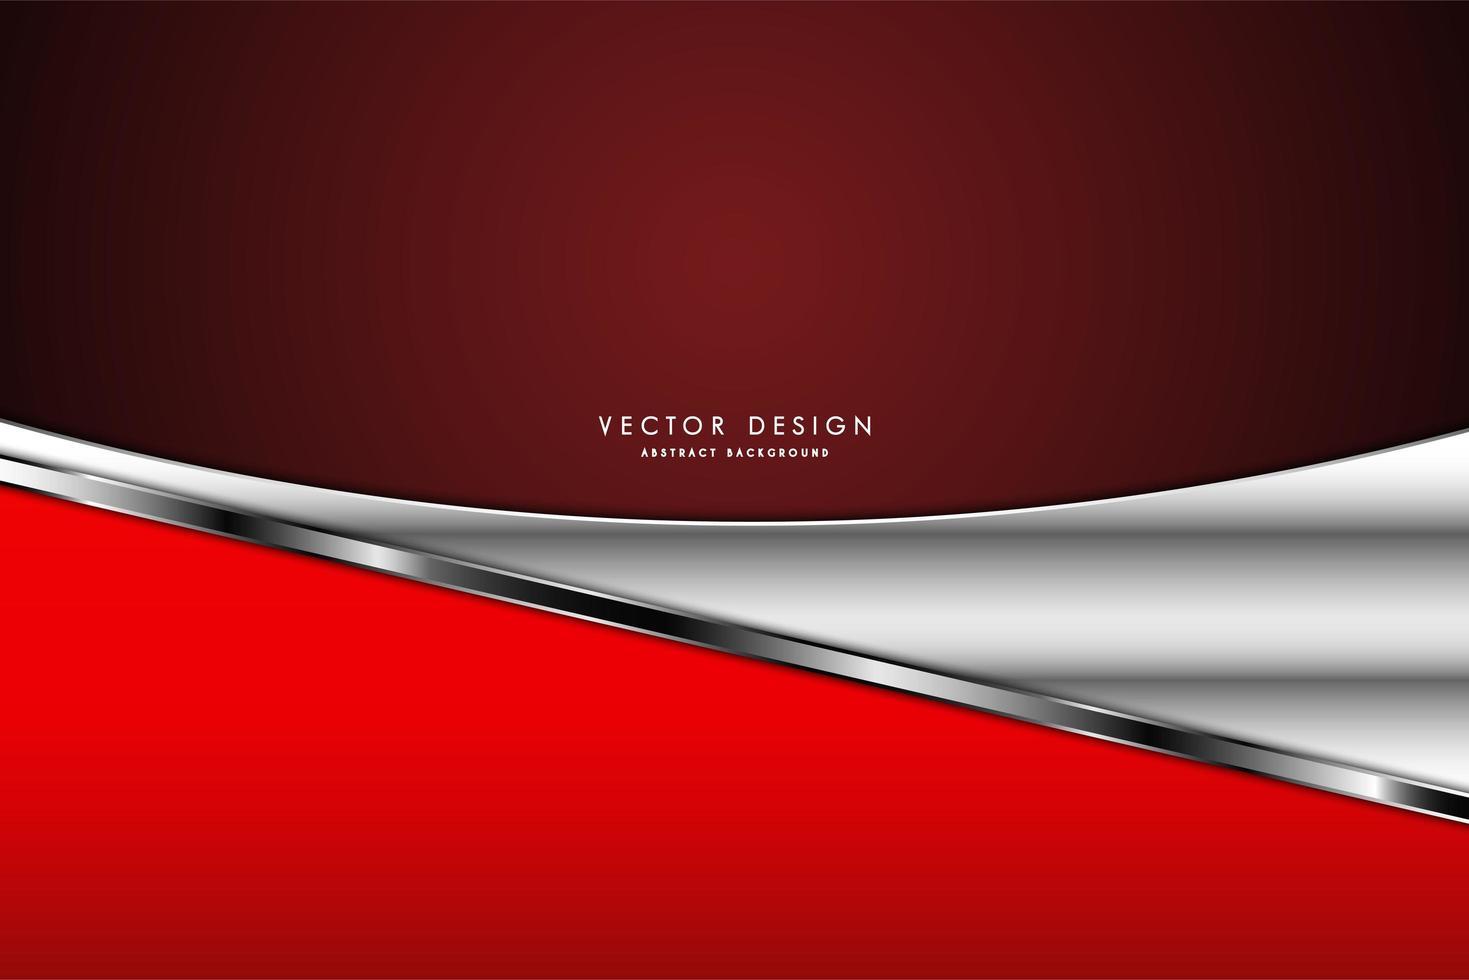 metallisch rote und silberne gebogene Paneele über dunkelrotem Farbverlauf vektor